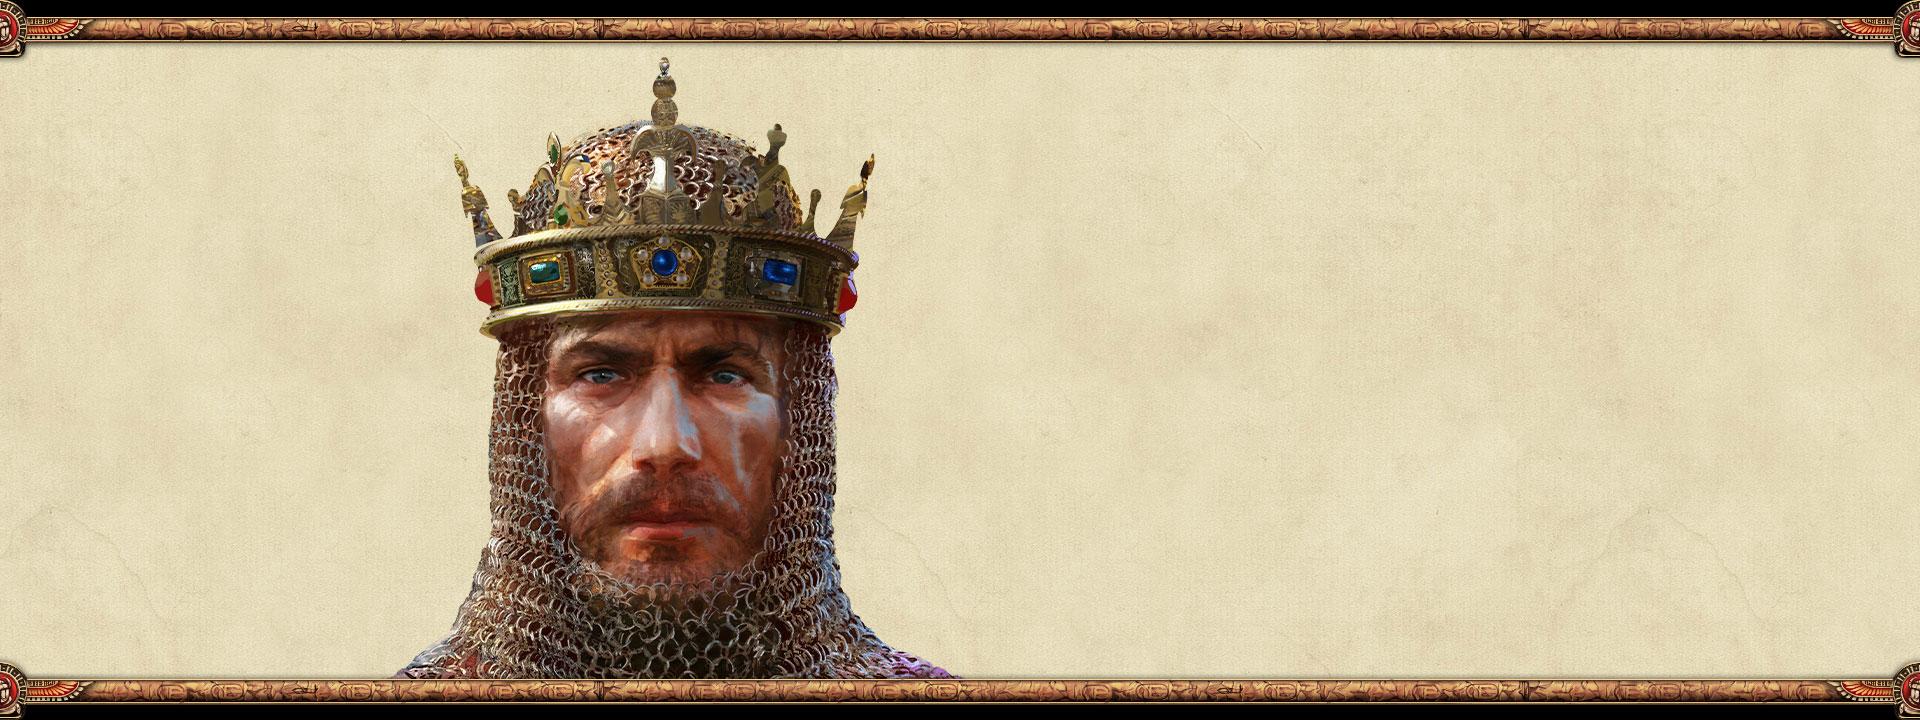 Der Herrscher eines Imperiums mit Kettenhemd und Krone